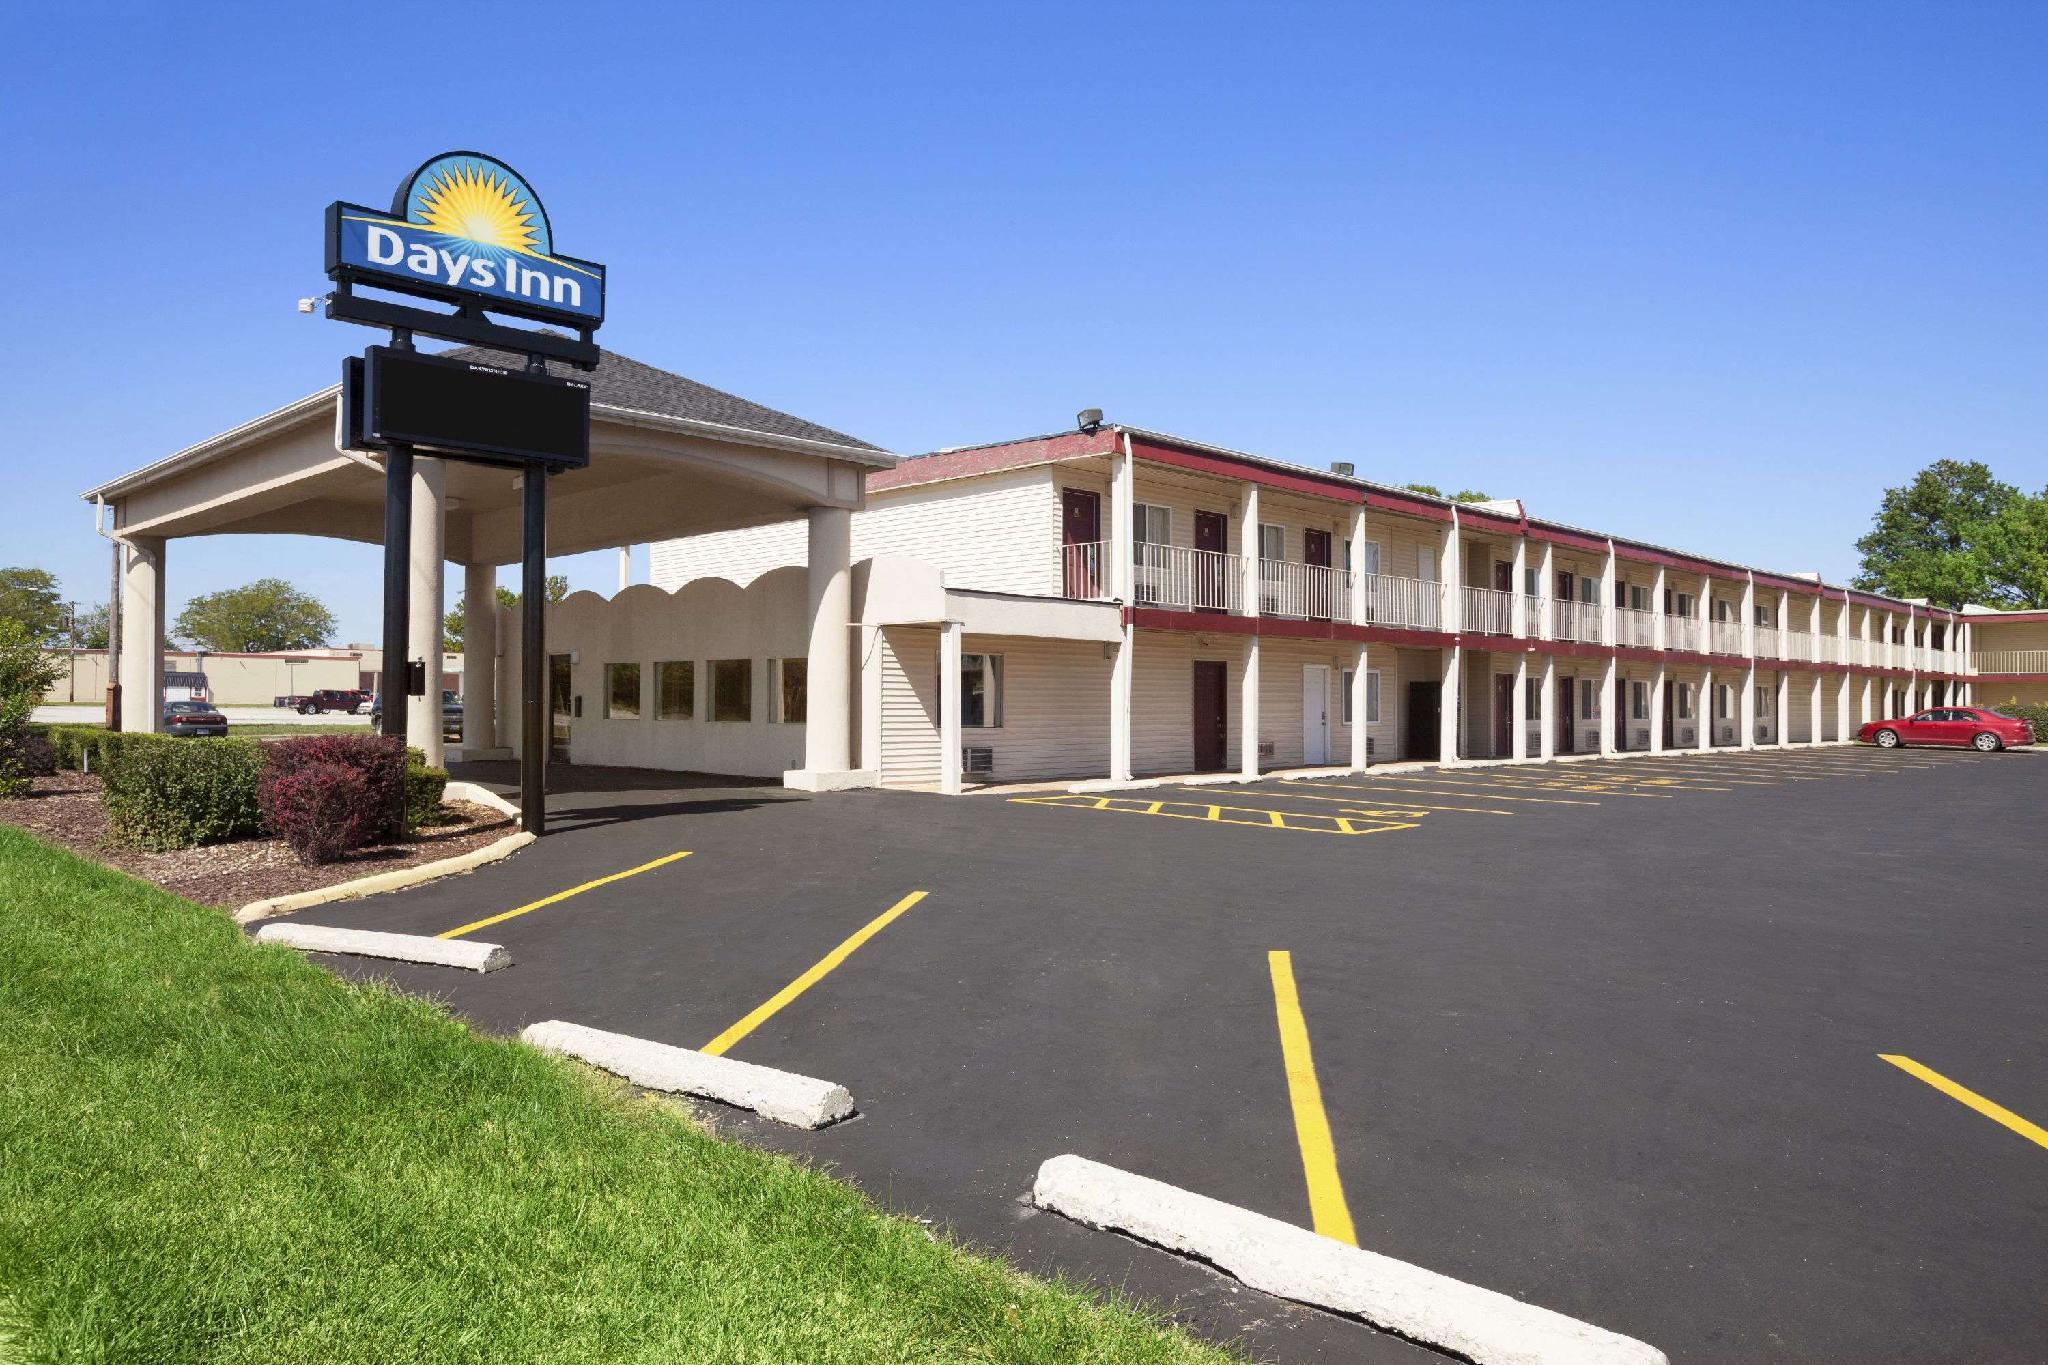 Days Inn By Wyndham Champaign Urbana